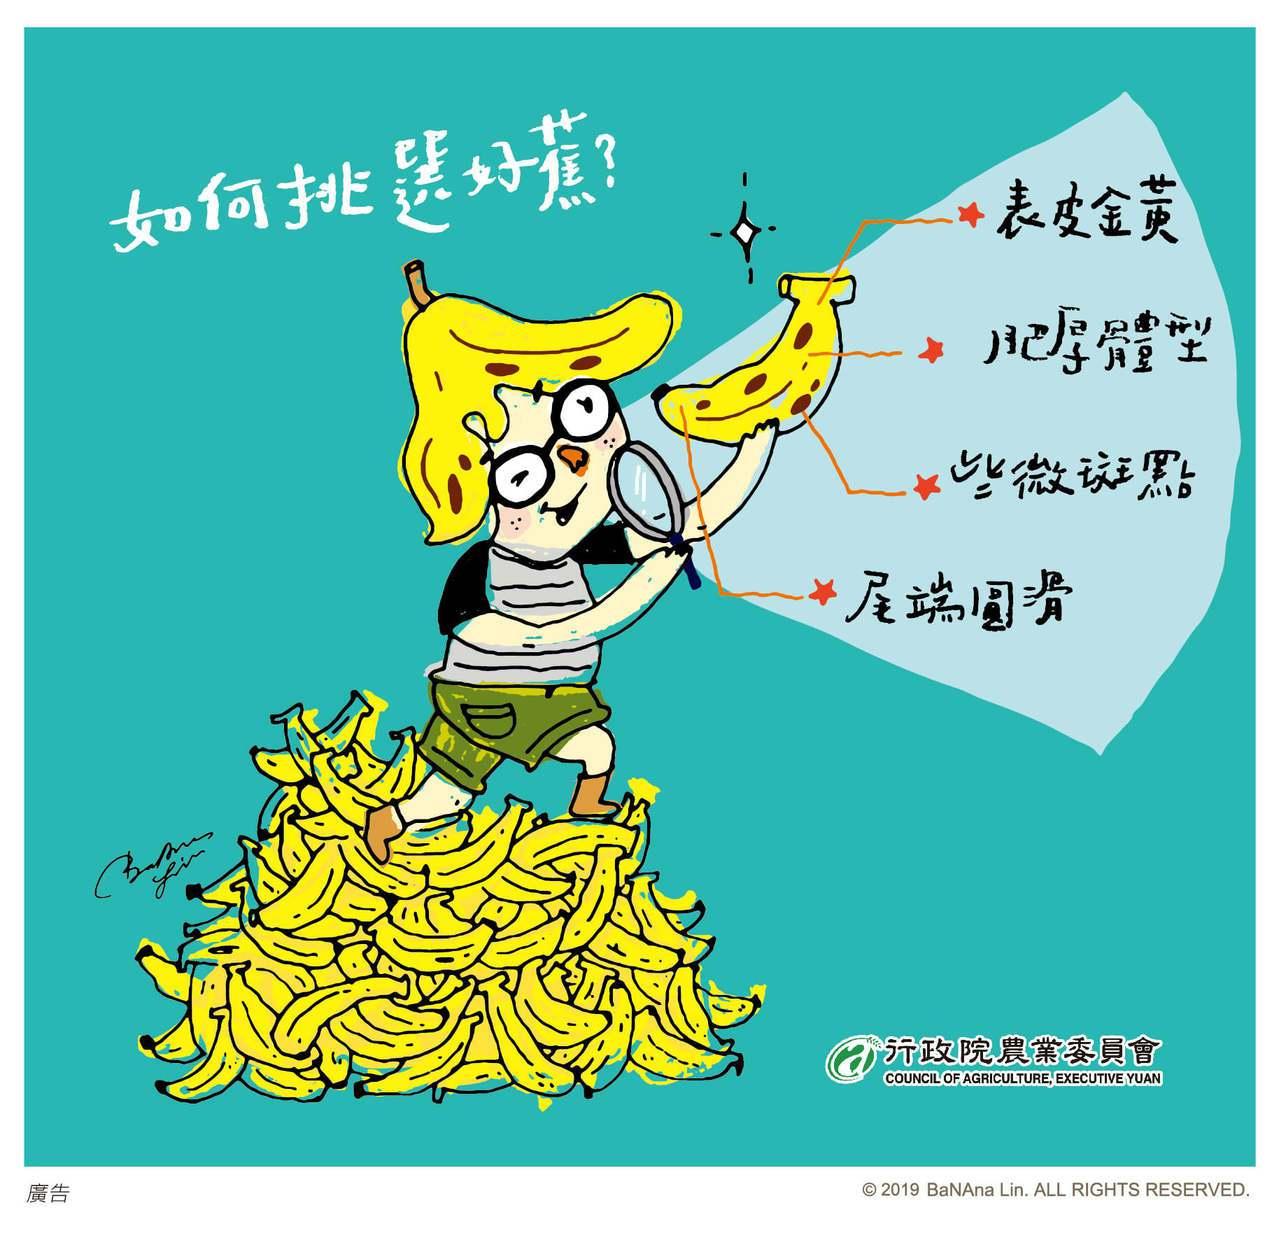 選購香蕉重點。圖/取自農委會臉書